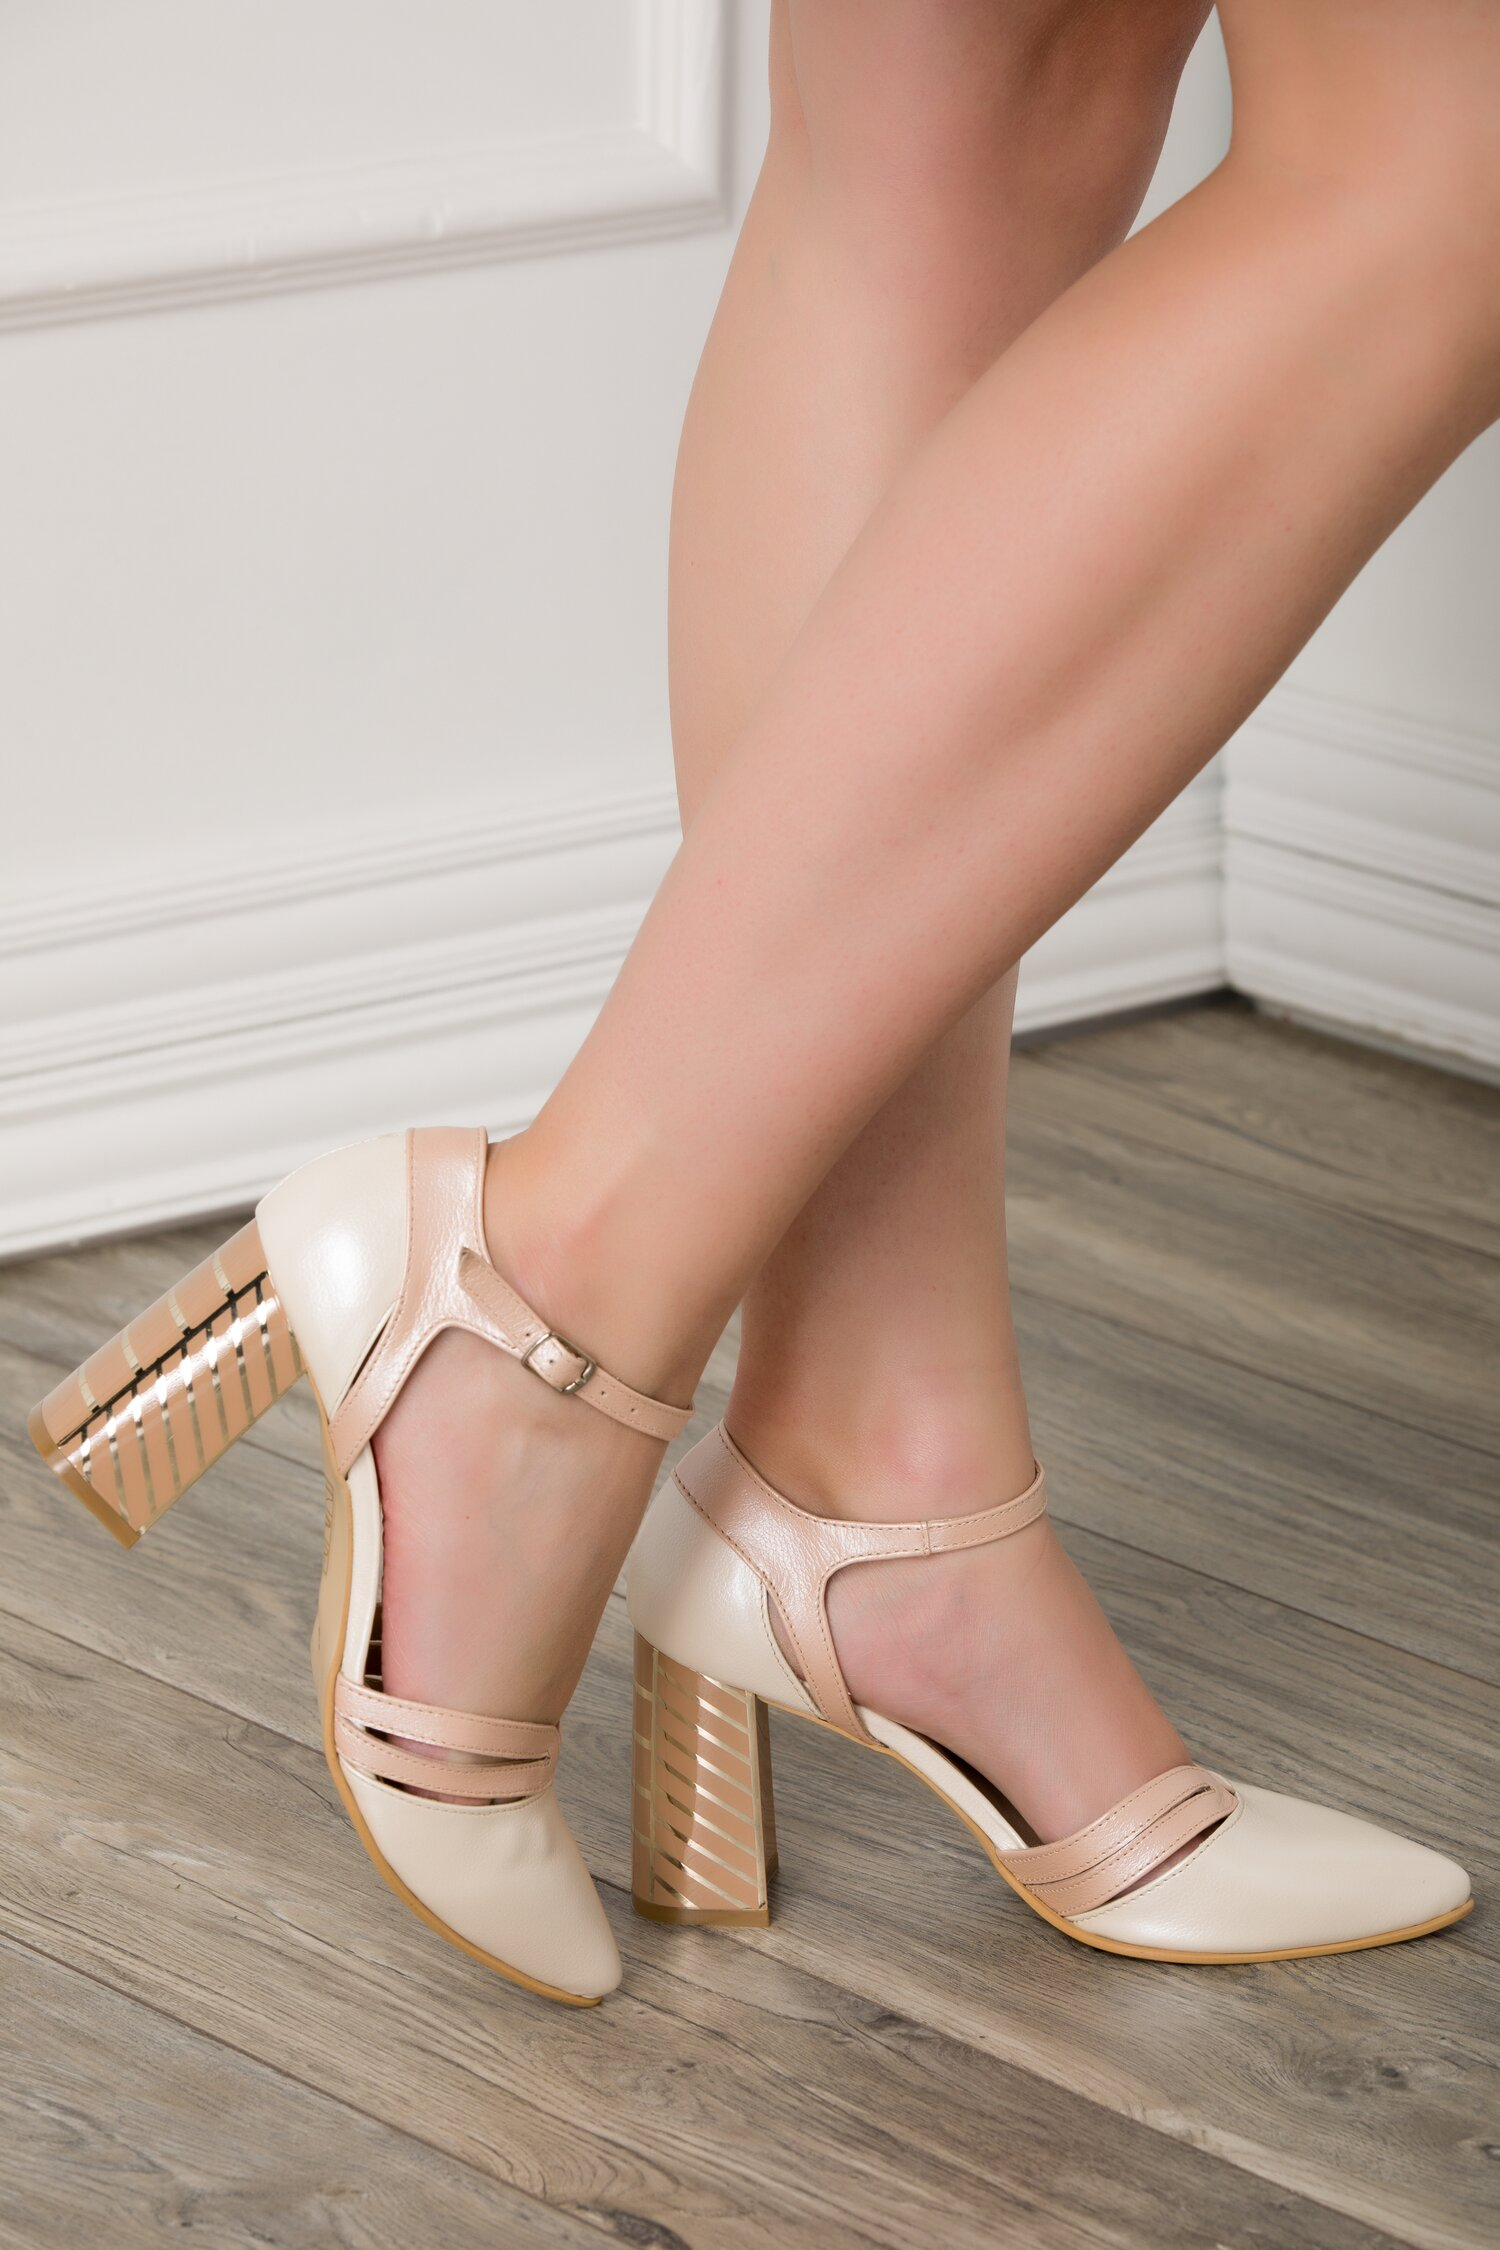 Pantofi albi cu roz perlat si toc gros cu imprimeu in dungi aurii imagine